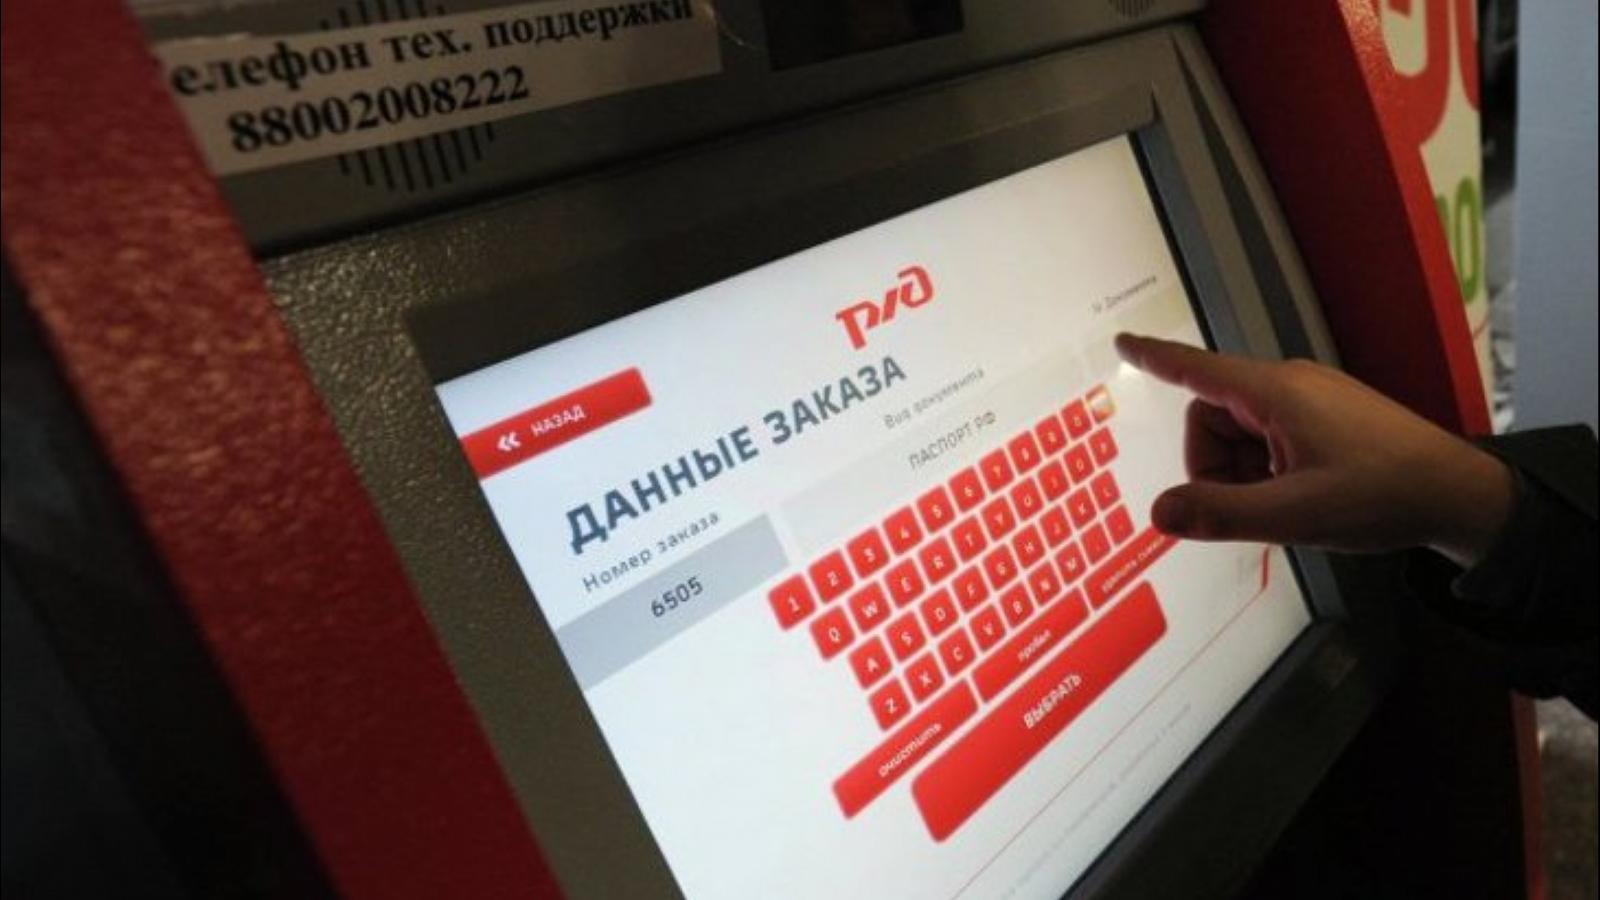 РЖД изменили правила покупки билетов